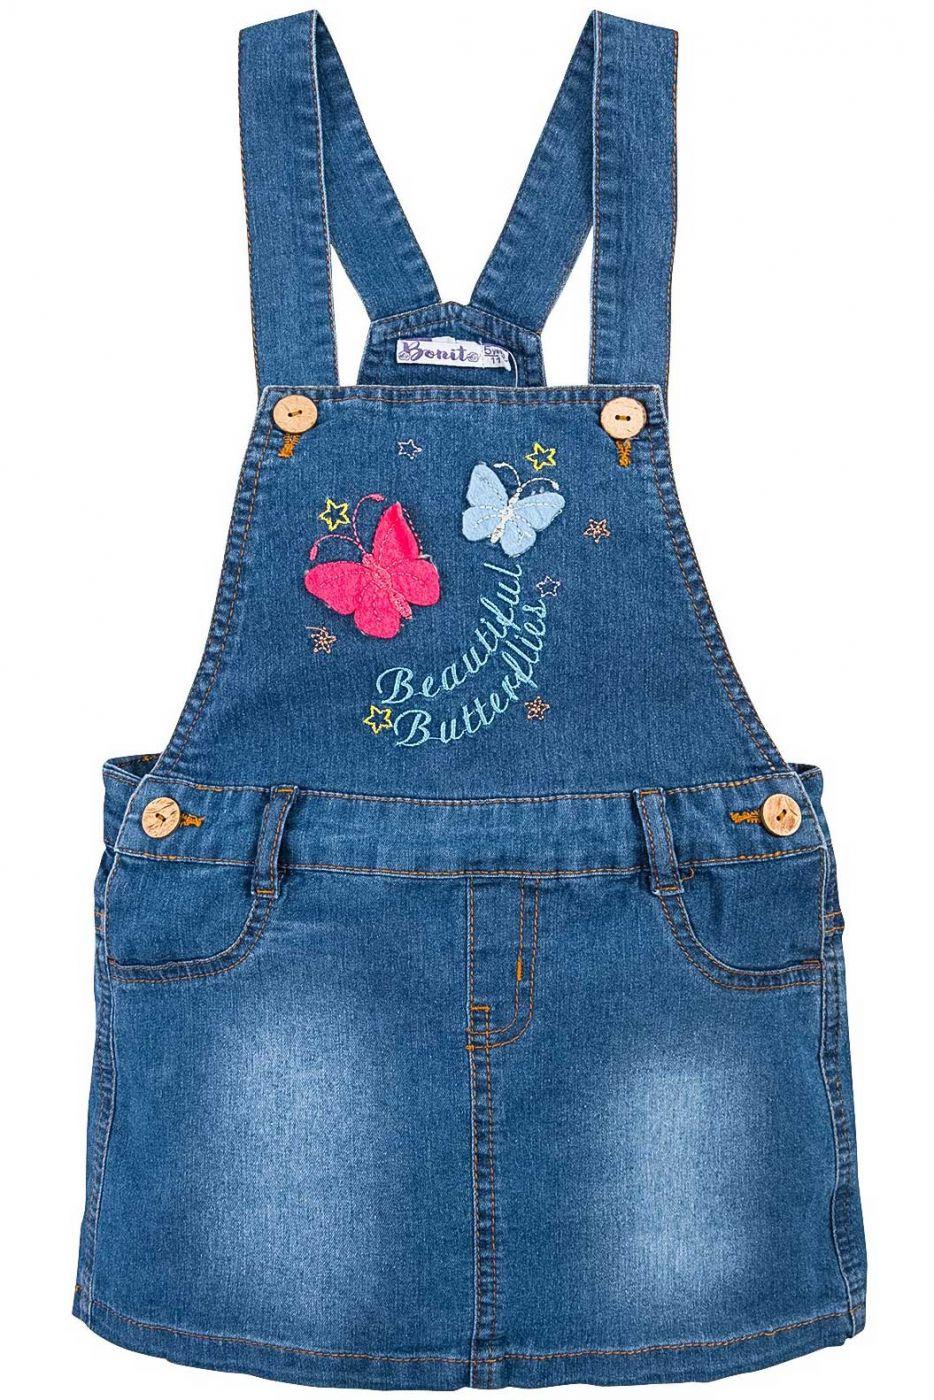 Сарафан джинсовый для девочки Bonito Jeans с бабочками